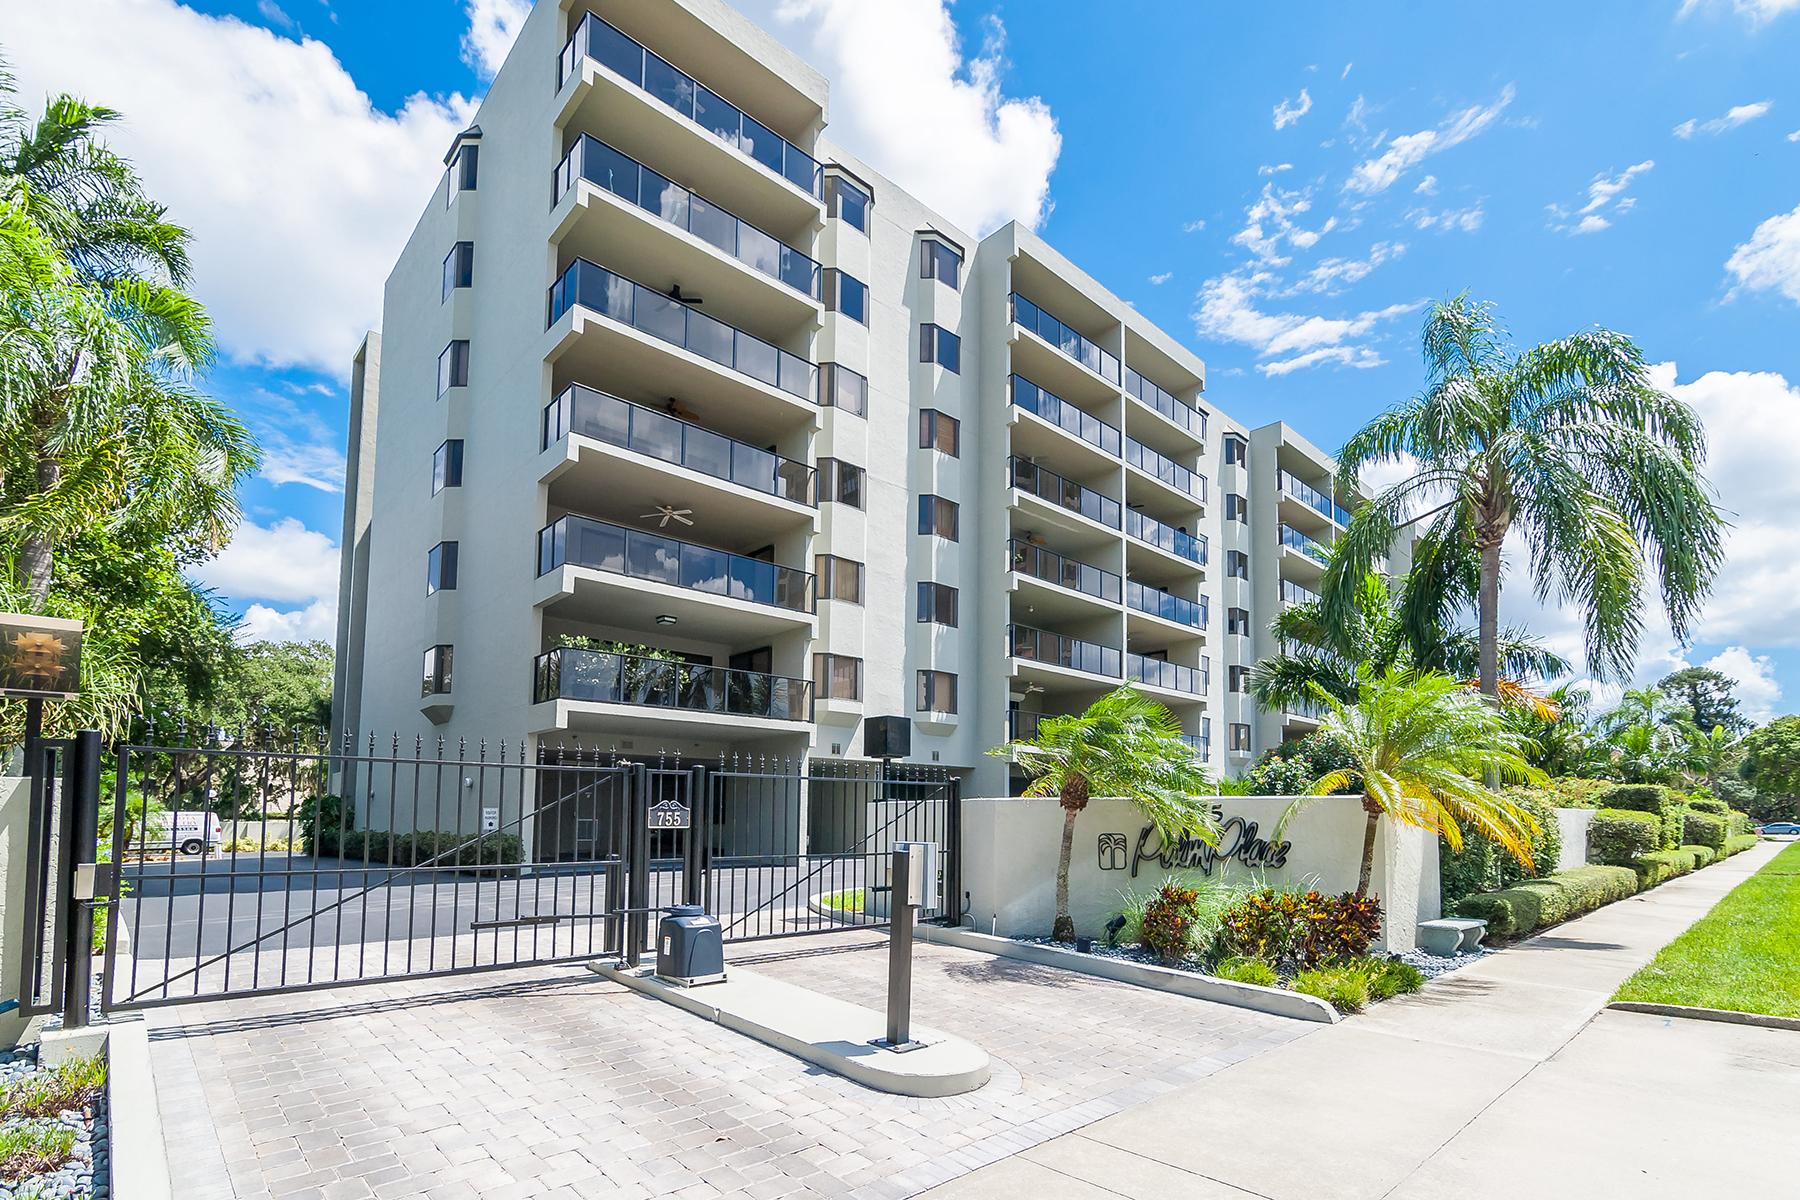 Кондоминиум для того Продажа на PALM PLAZA 755 S Palm Ave 104 Sarasota, Флорида, 34236 Соединенные Штаты